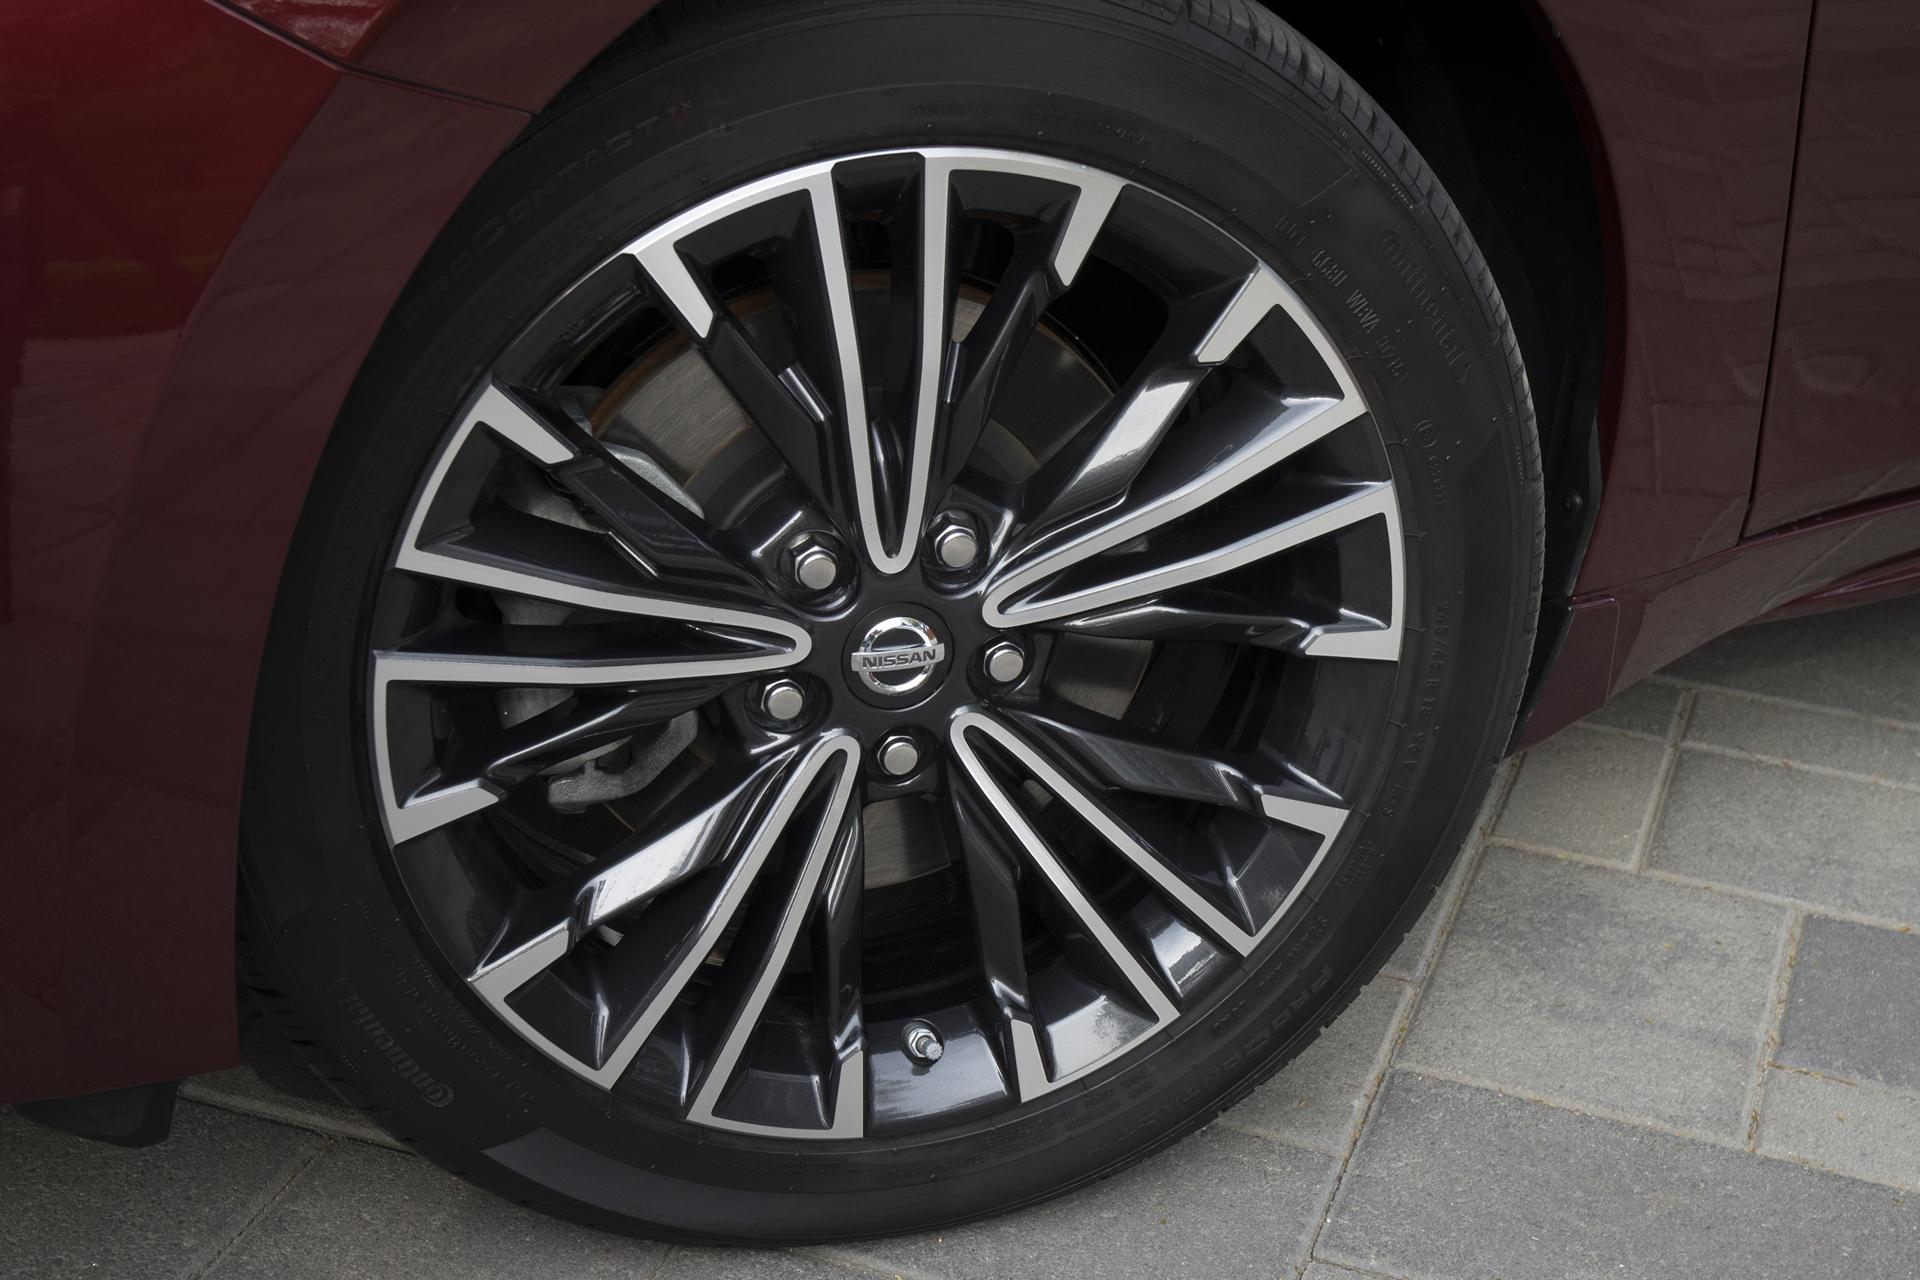 2016 Nissan Maxima Review Carrrs Auto Portal